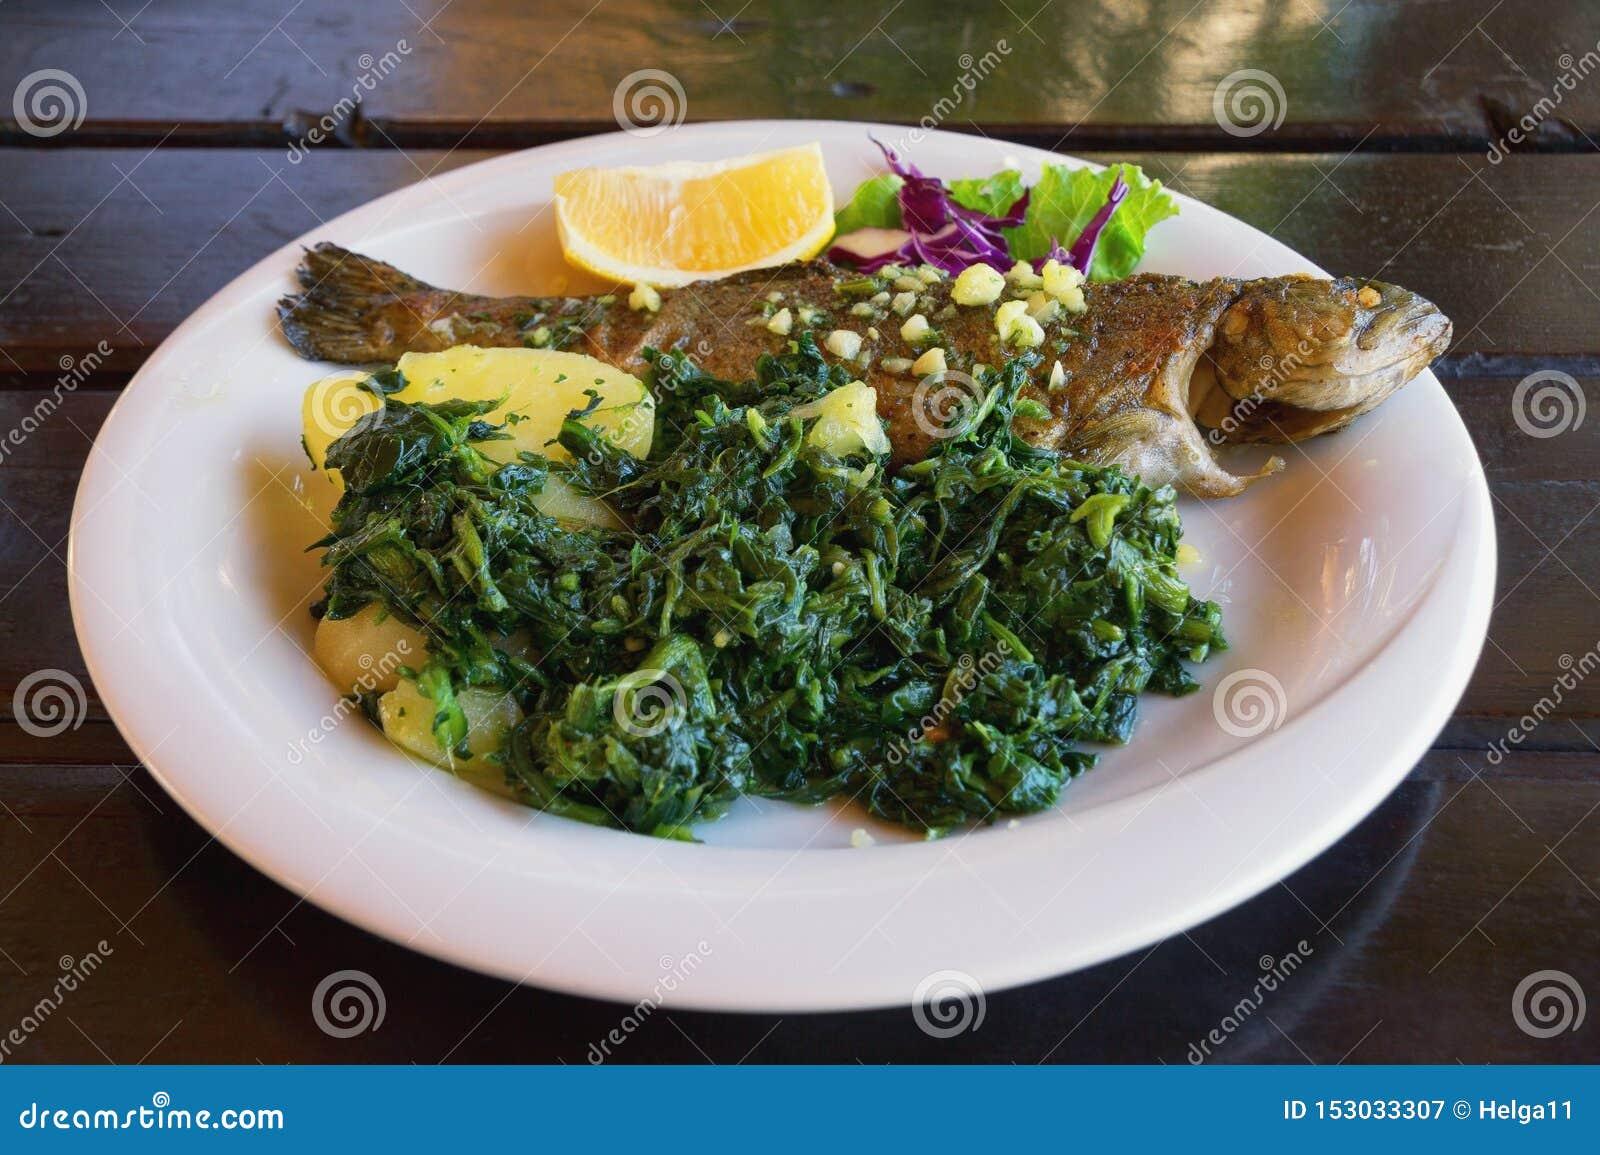 Балканская кухня Зажаренная форель рыб с густолиственными зелеными овощами на белой плите